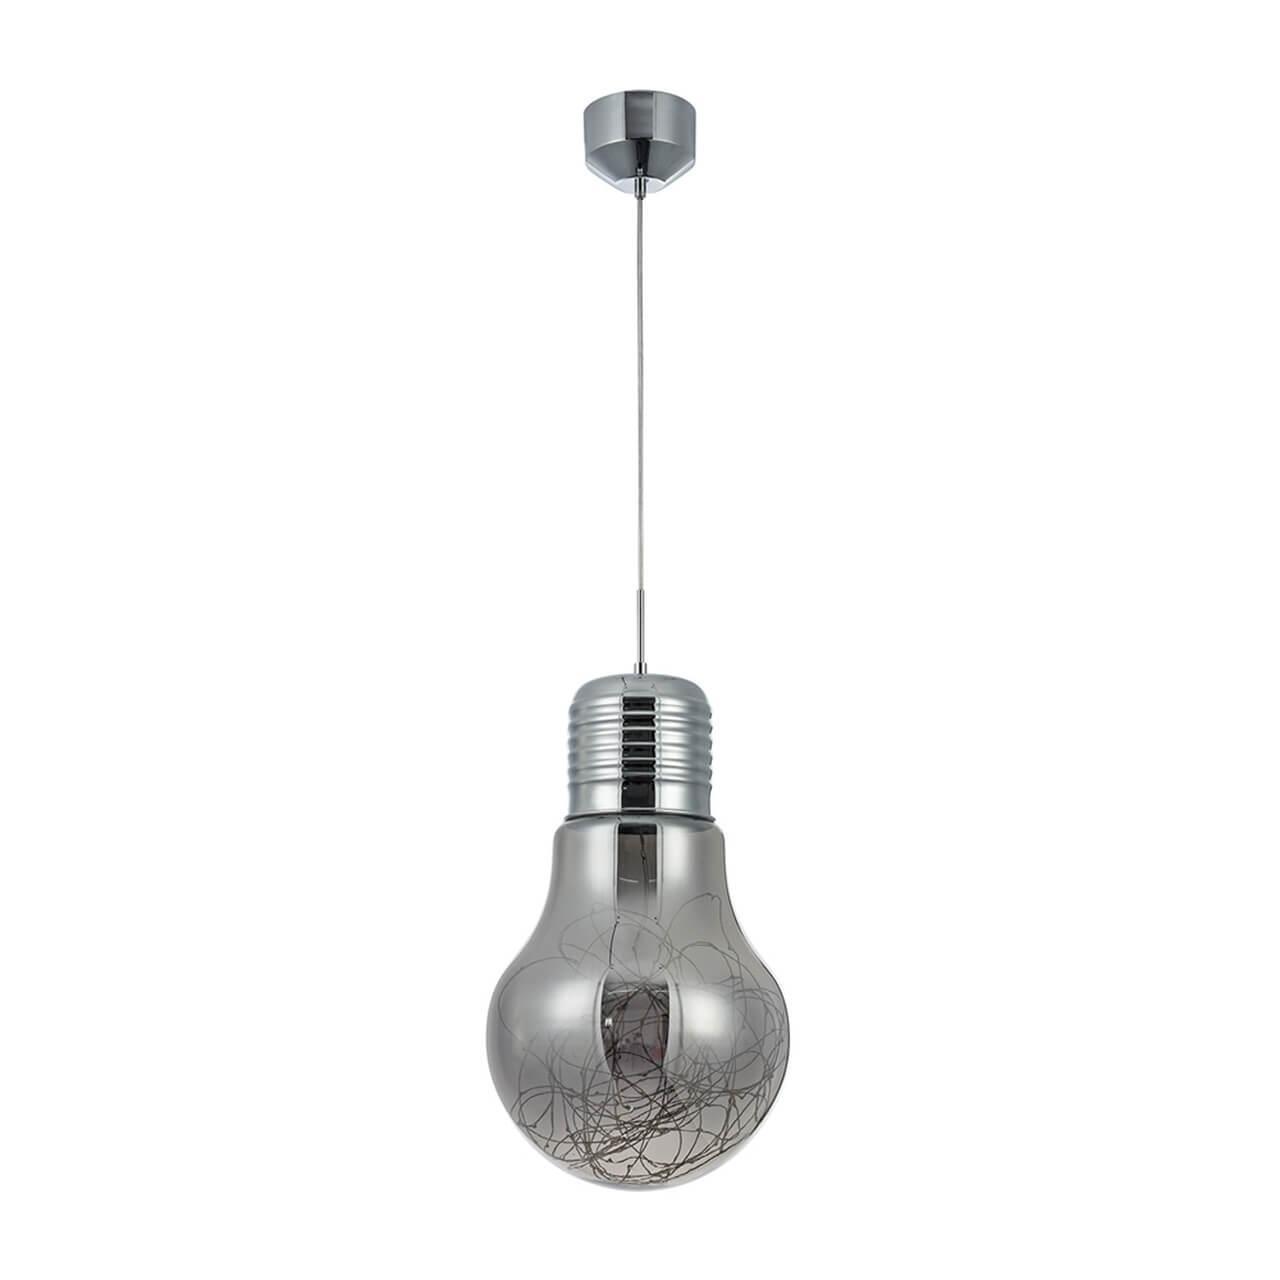 Подвесной светильник Freya FR6156-PL01-15W-CH, LED, 12 Вт